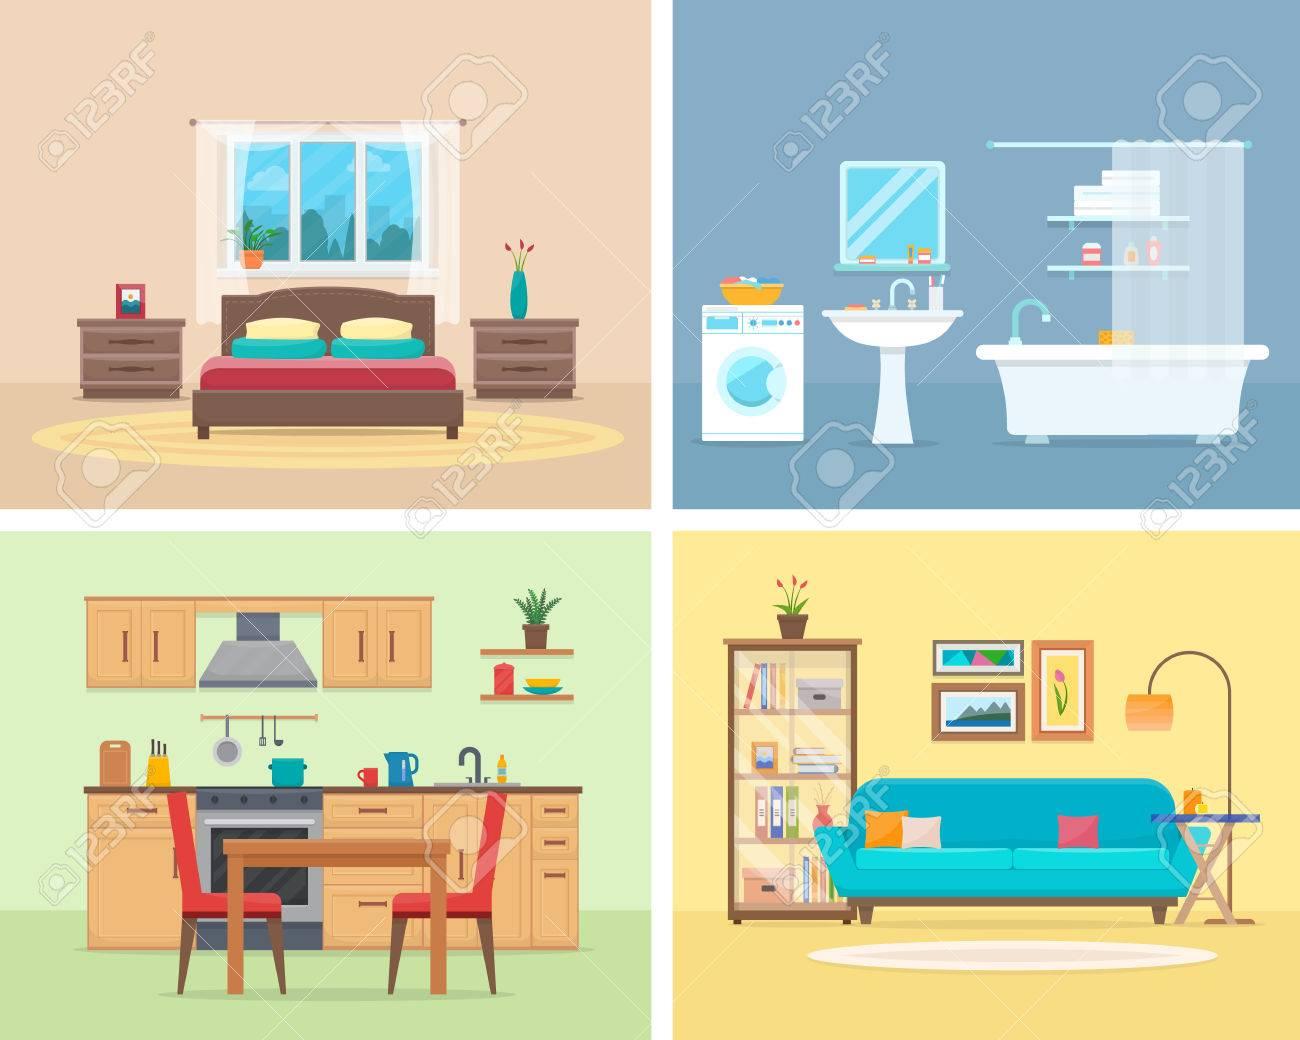 Wohnung Im Inneren. Detaillierte Modernen Haus Interieur. Zimmer Mit ...